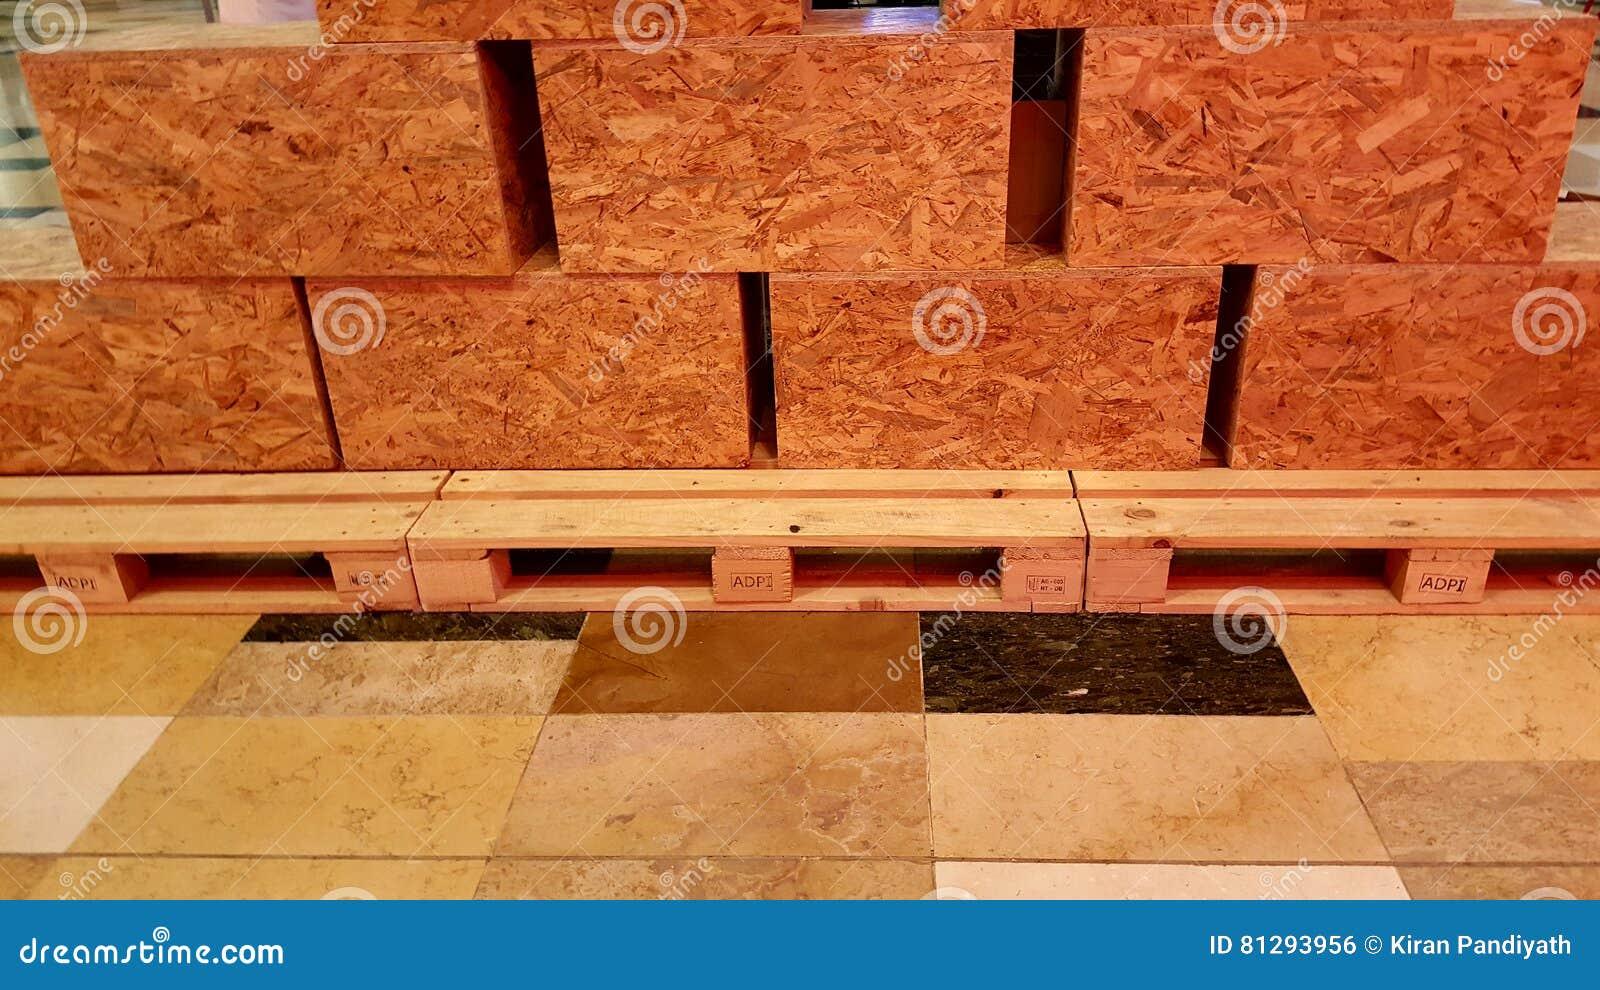 Fußboden Aus Sperrholz ~ Sperrholz kasten sätze auf paletten stockfoto bild von